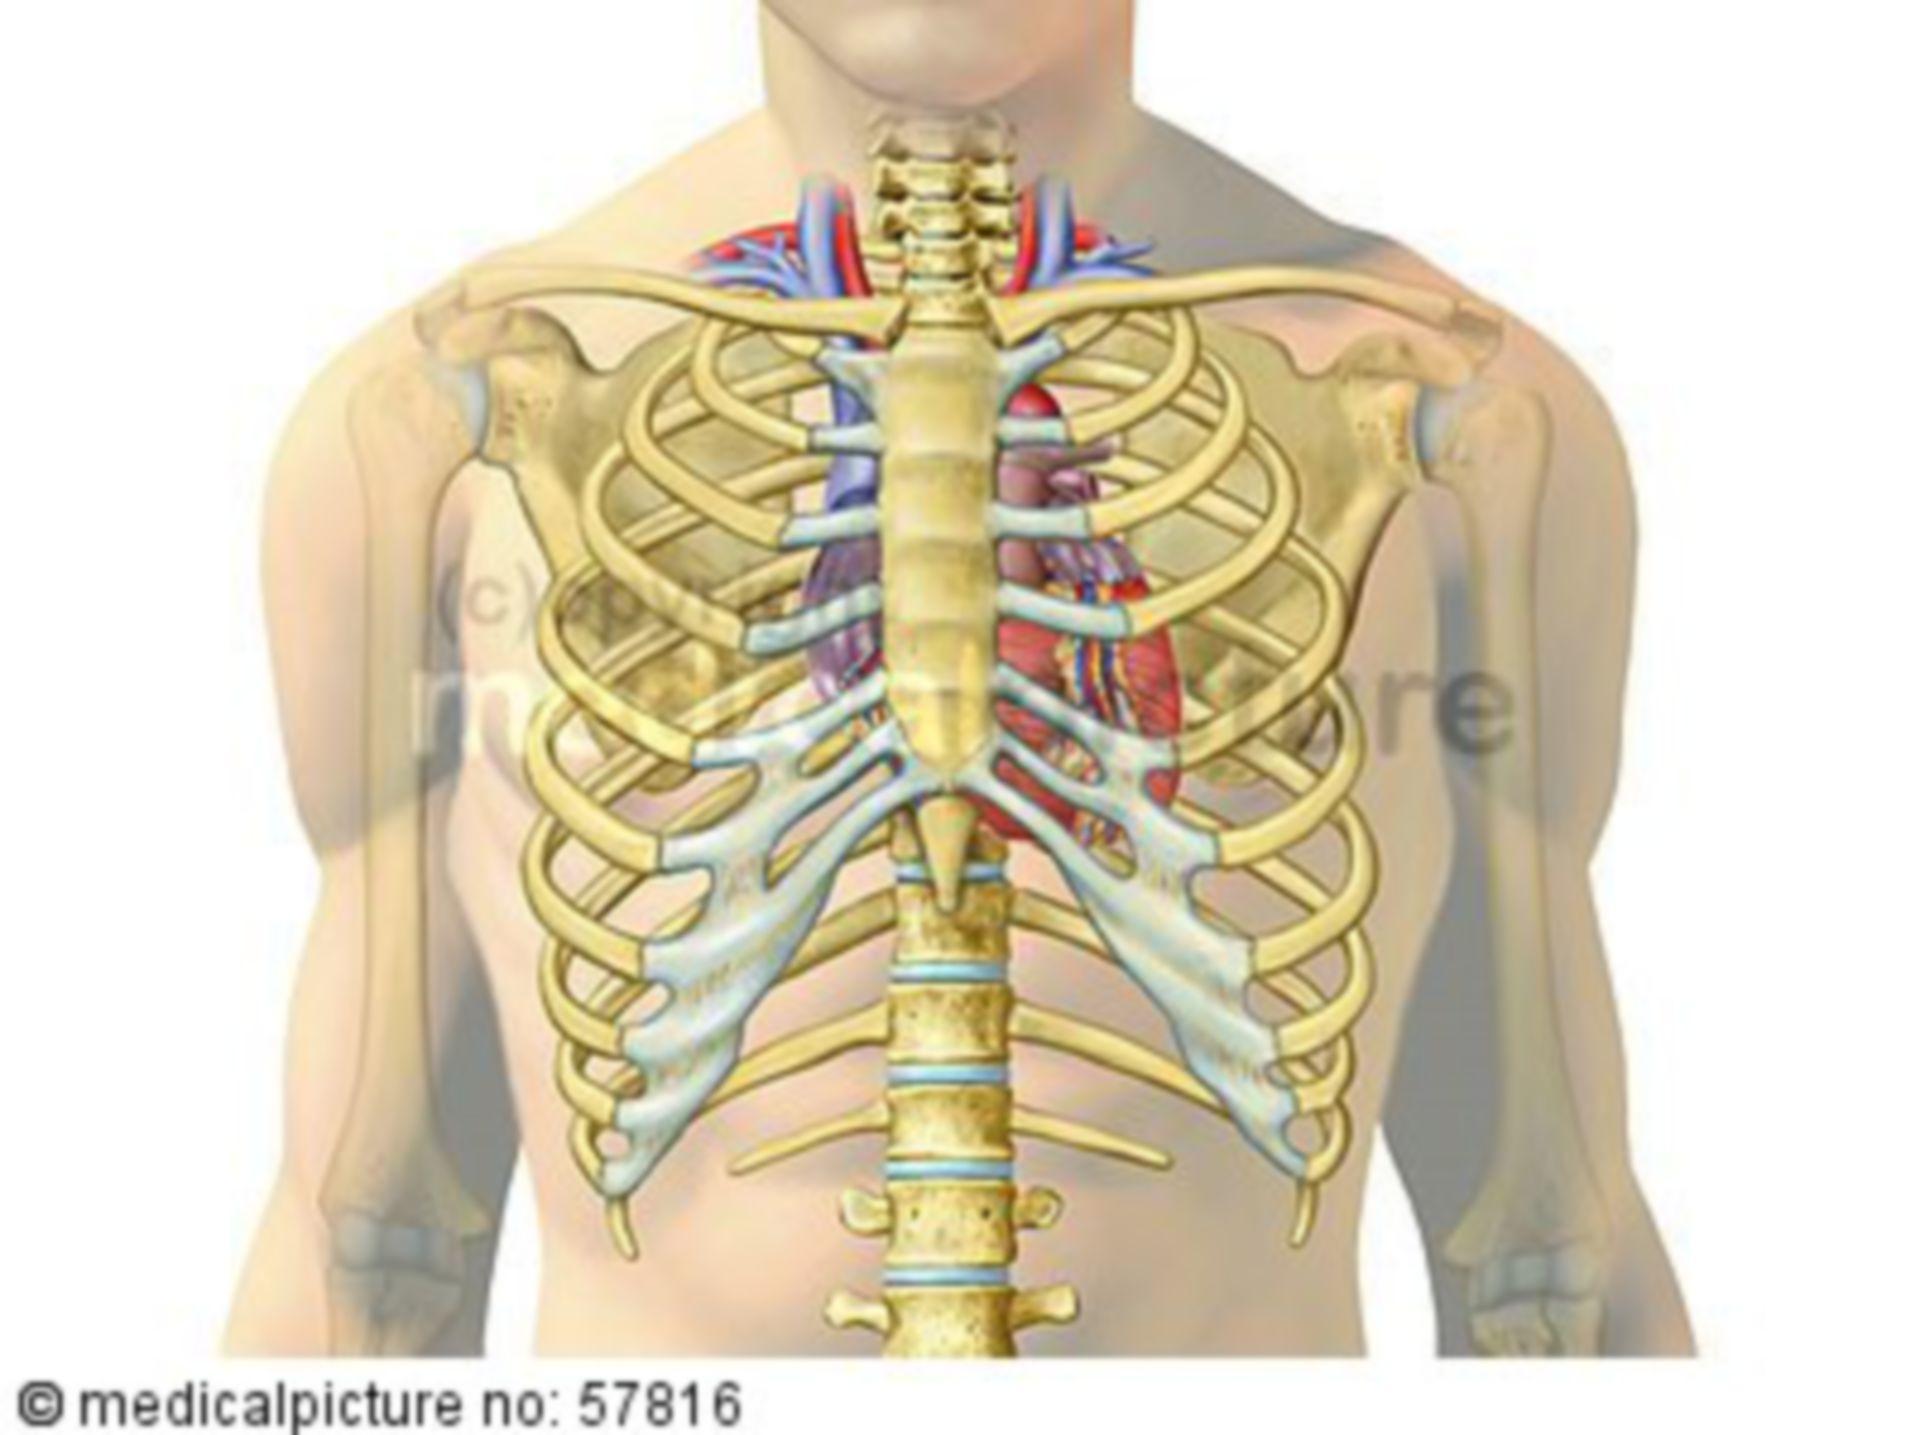 Anatomische Illustrationen - Herz mit Gefäßen in Brustkorb